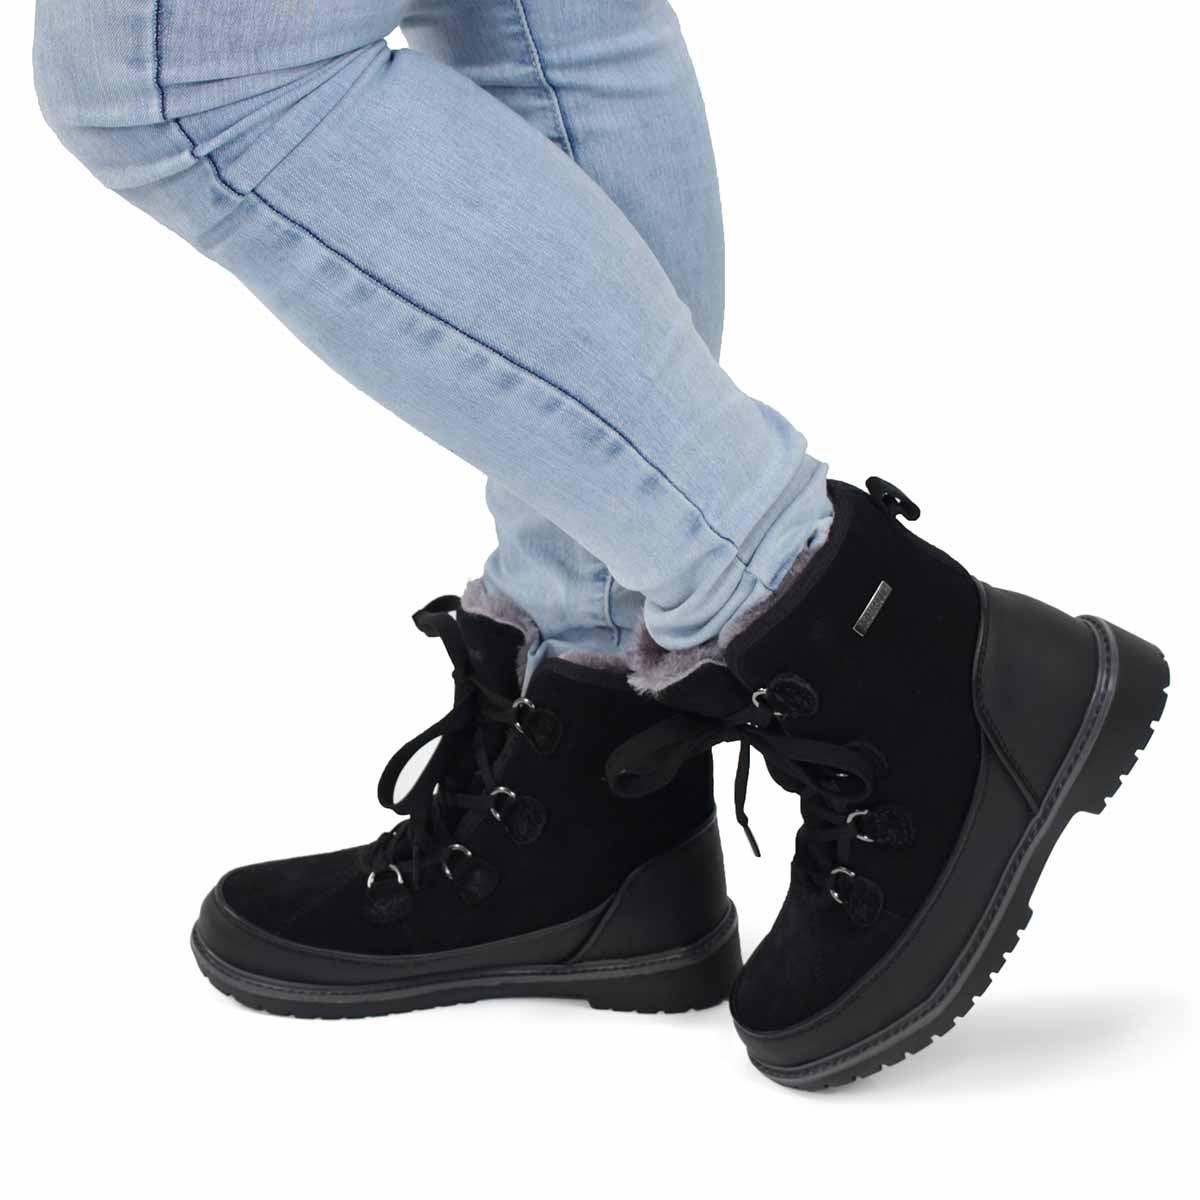 Lds Stephanie black wtpf wntr boot